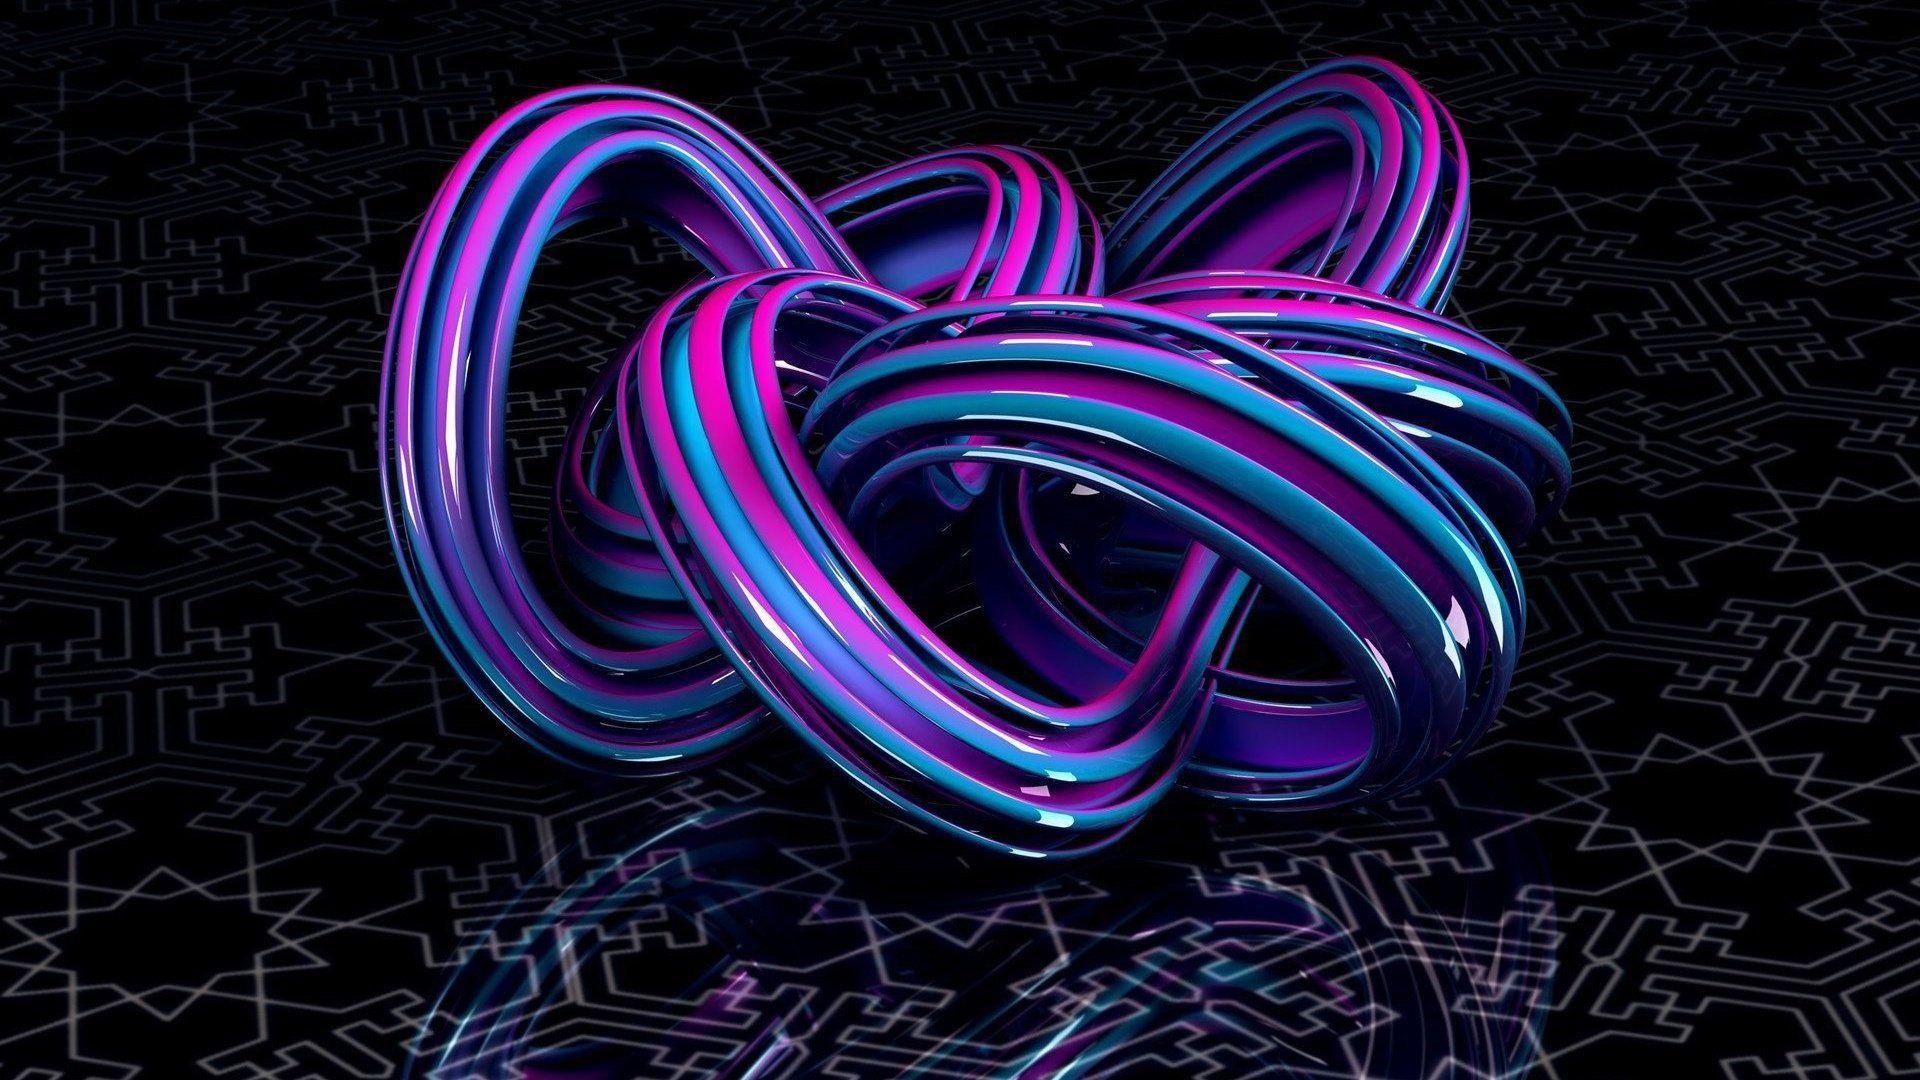 3d Art Image